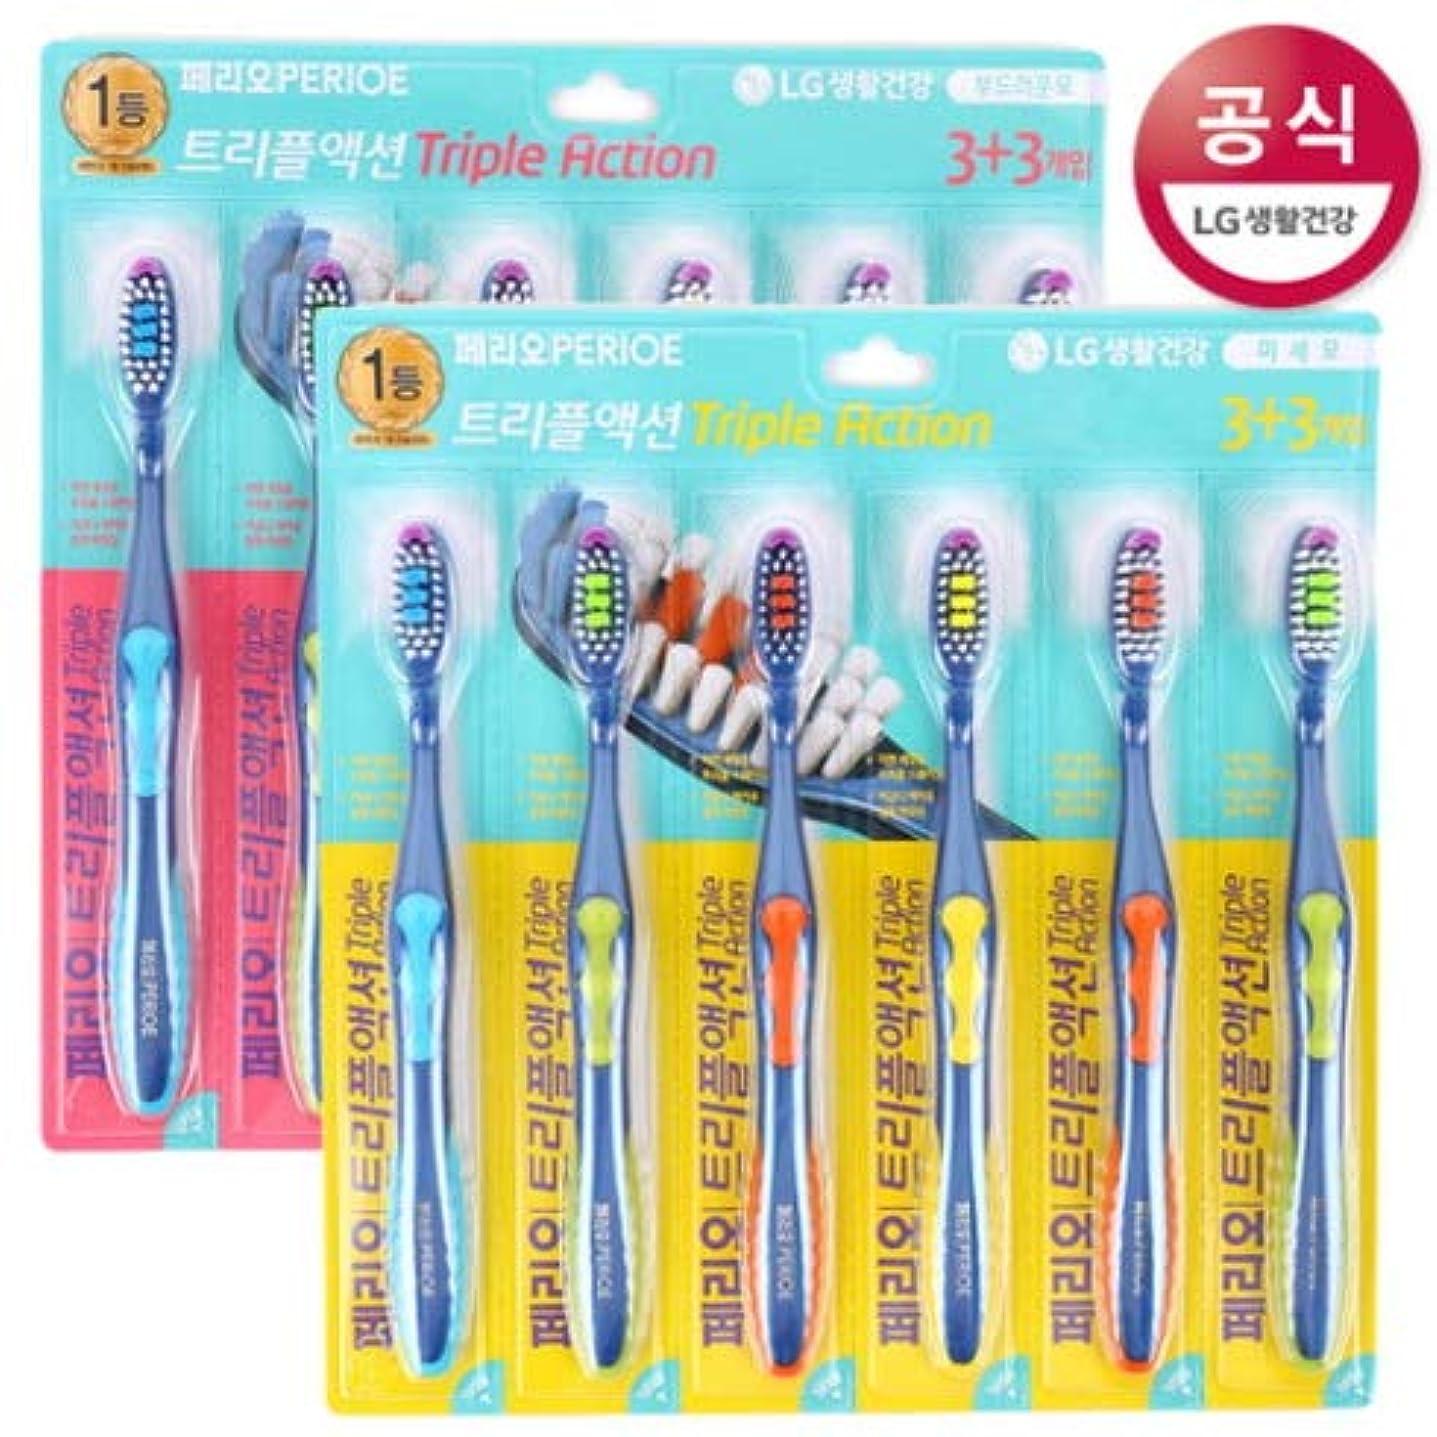 説得力のあるホイスト大混乱[LG HnB] Perio Triple Action Toothbrush/ペリオトリプルアクション歯ブラシ 6口x2個(海外直送品)